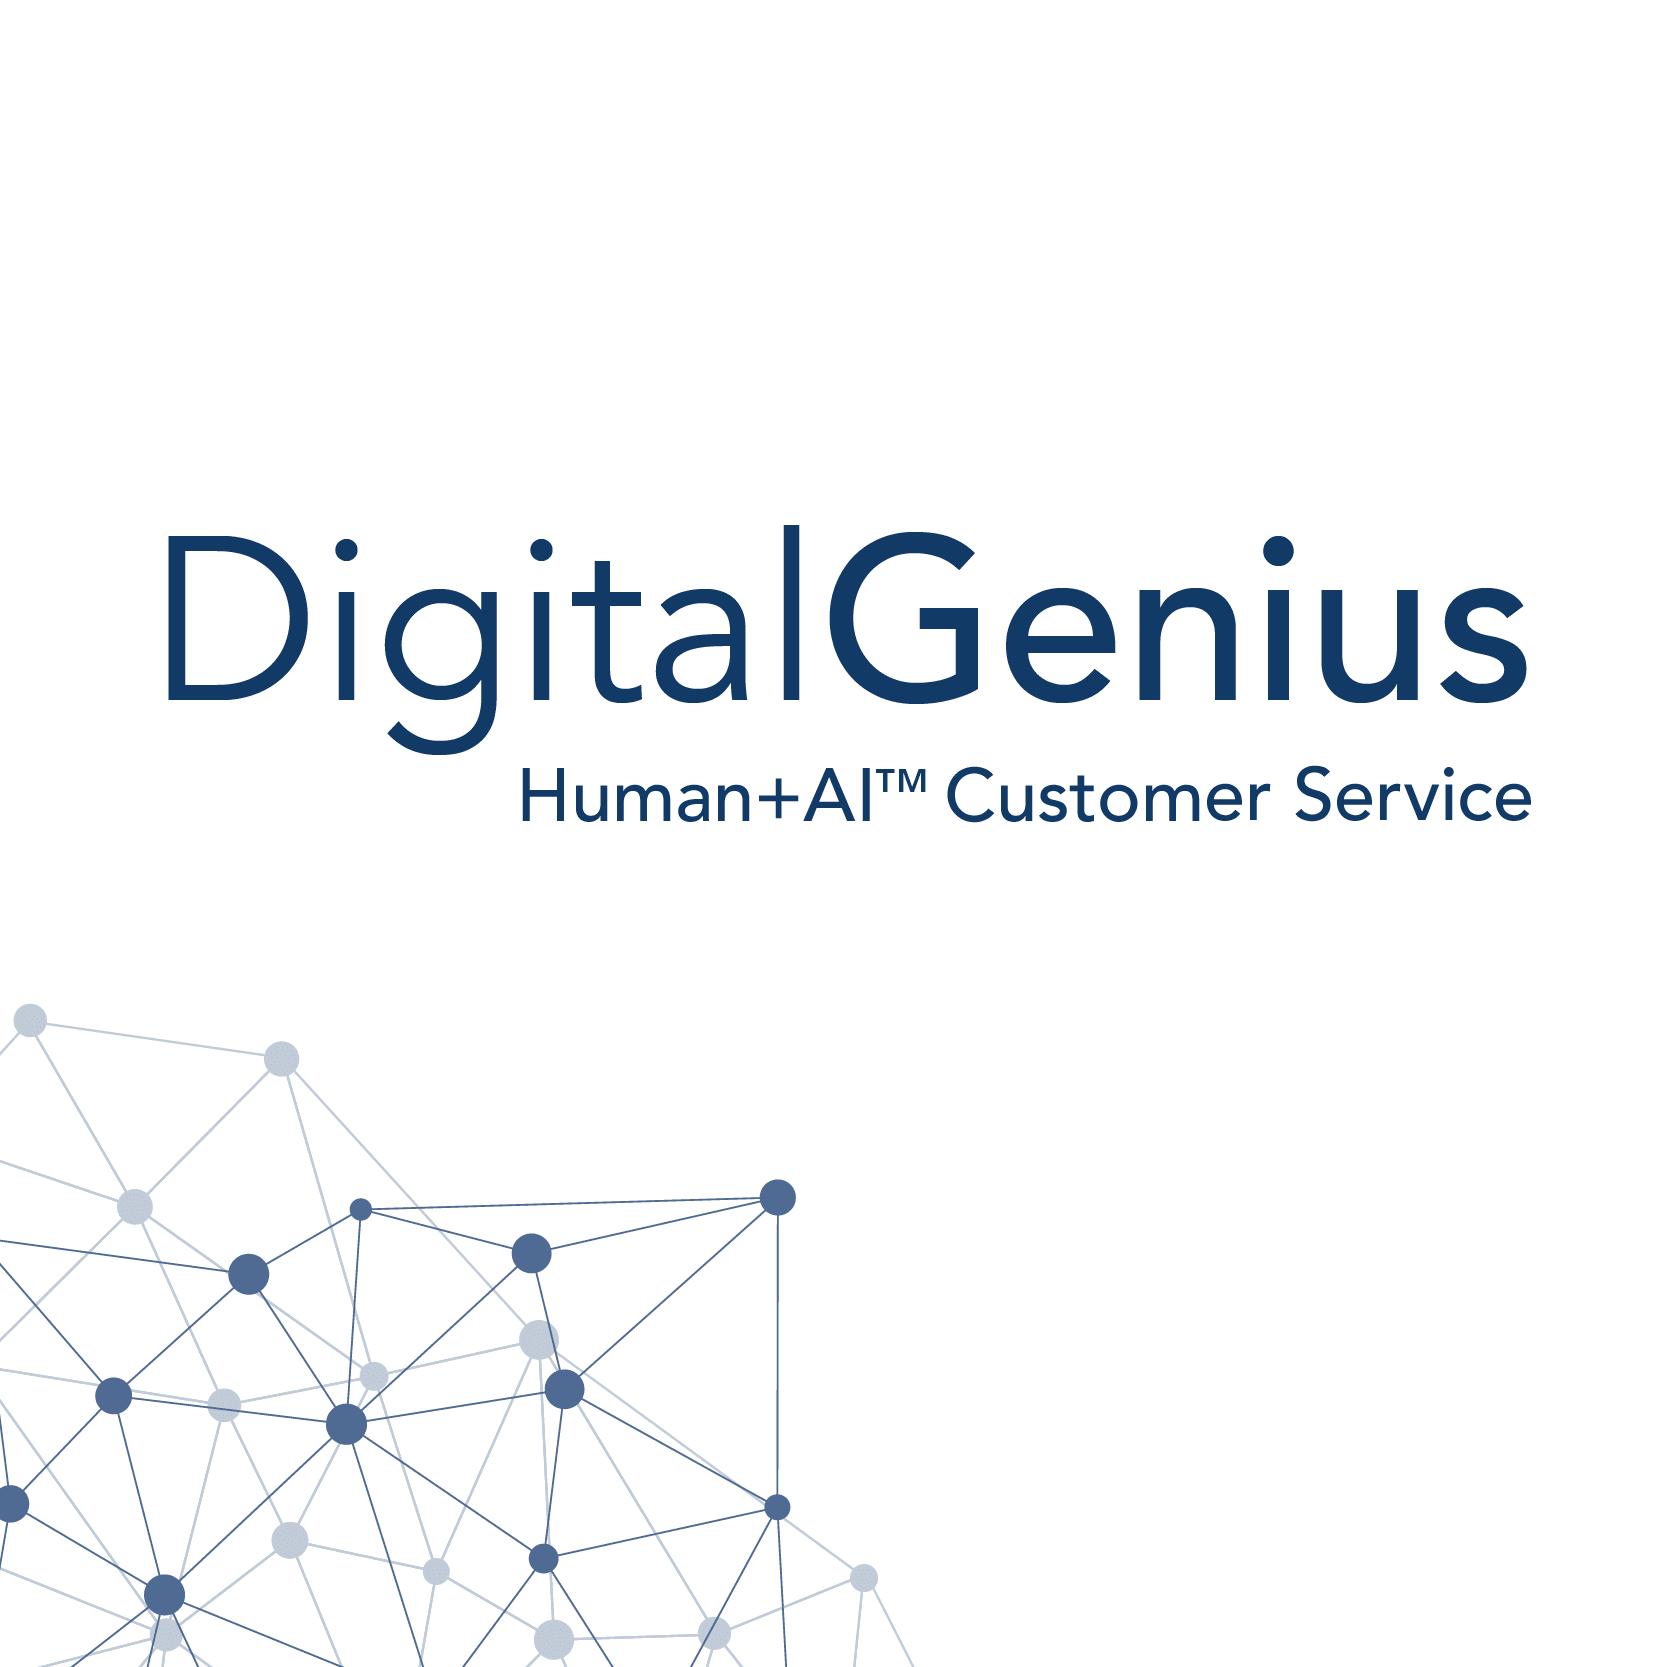 Αποτέλεσμα εικόνας για DigitalGenius Inc.